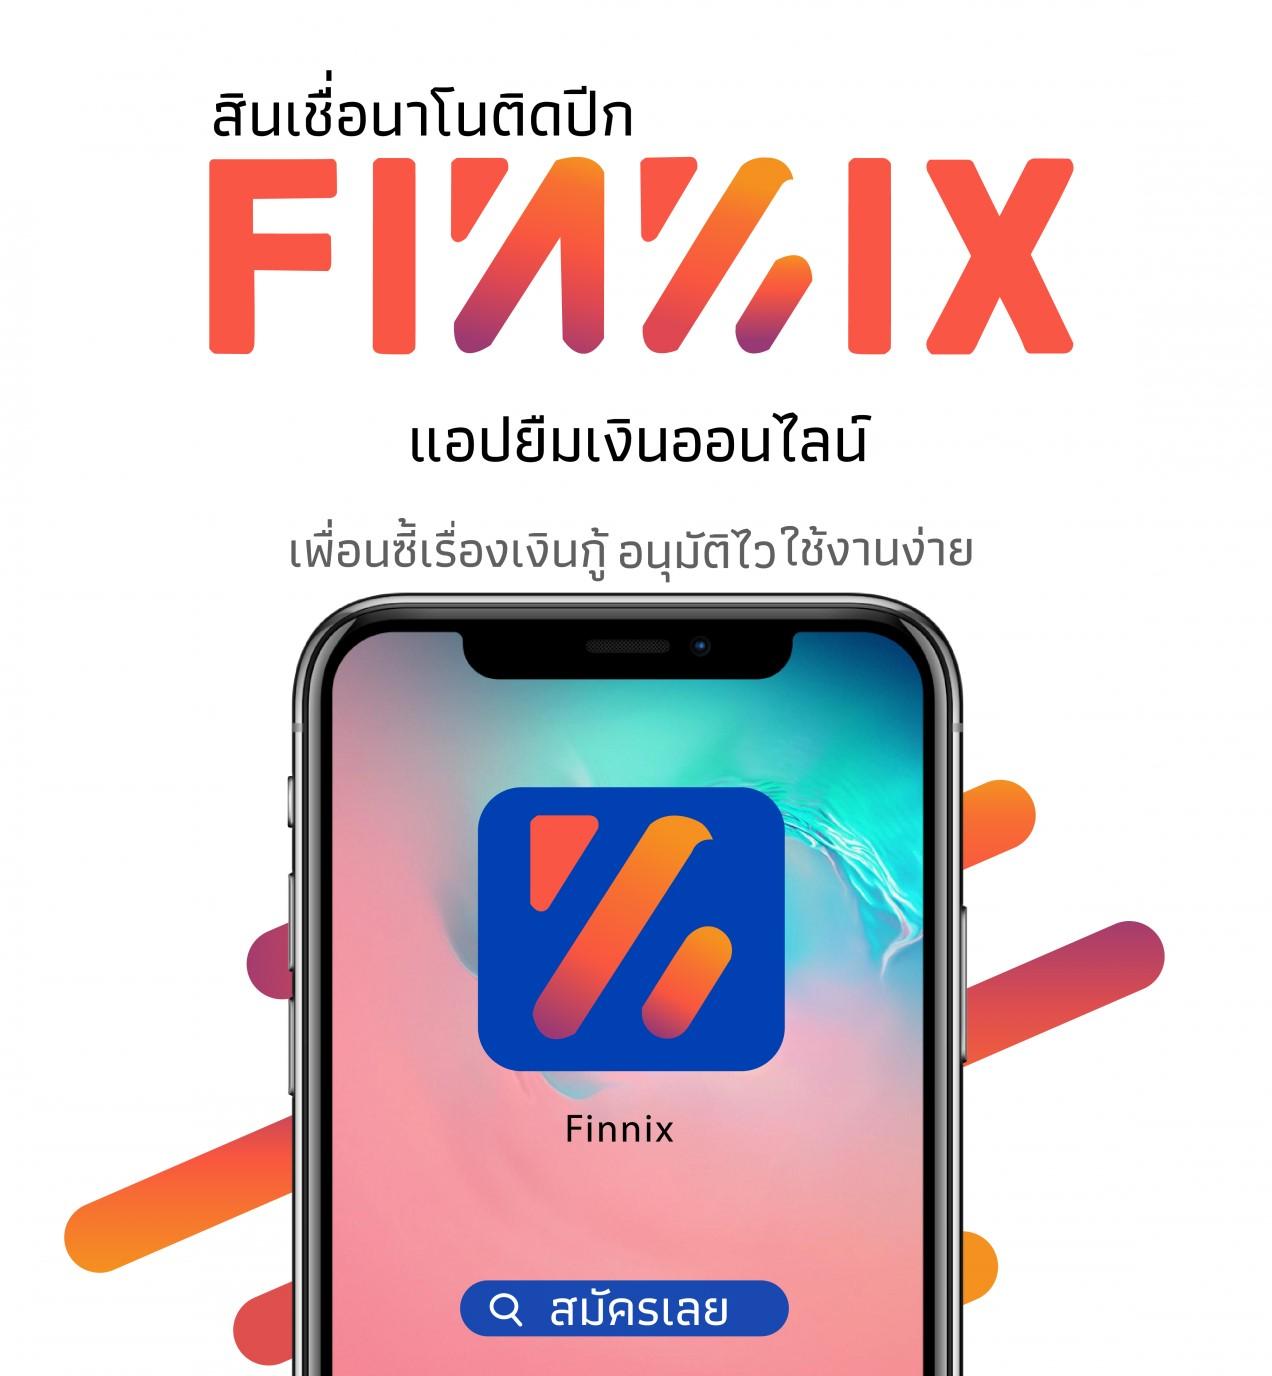 FINNIX แอปยืมเงิน